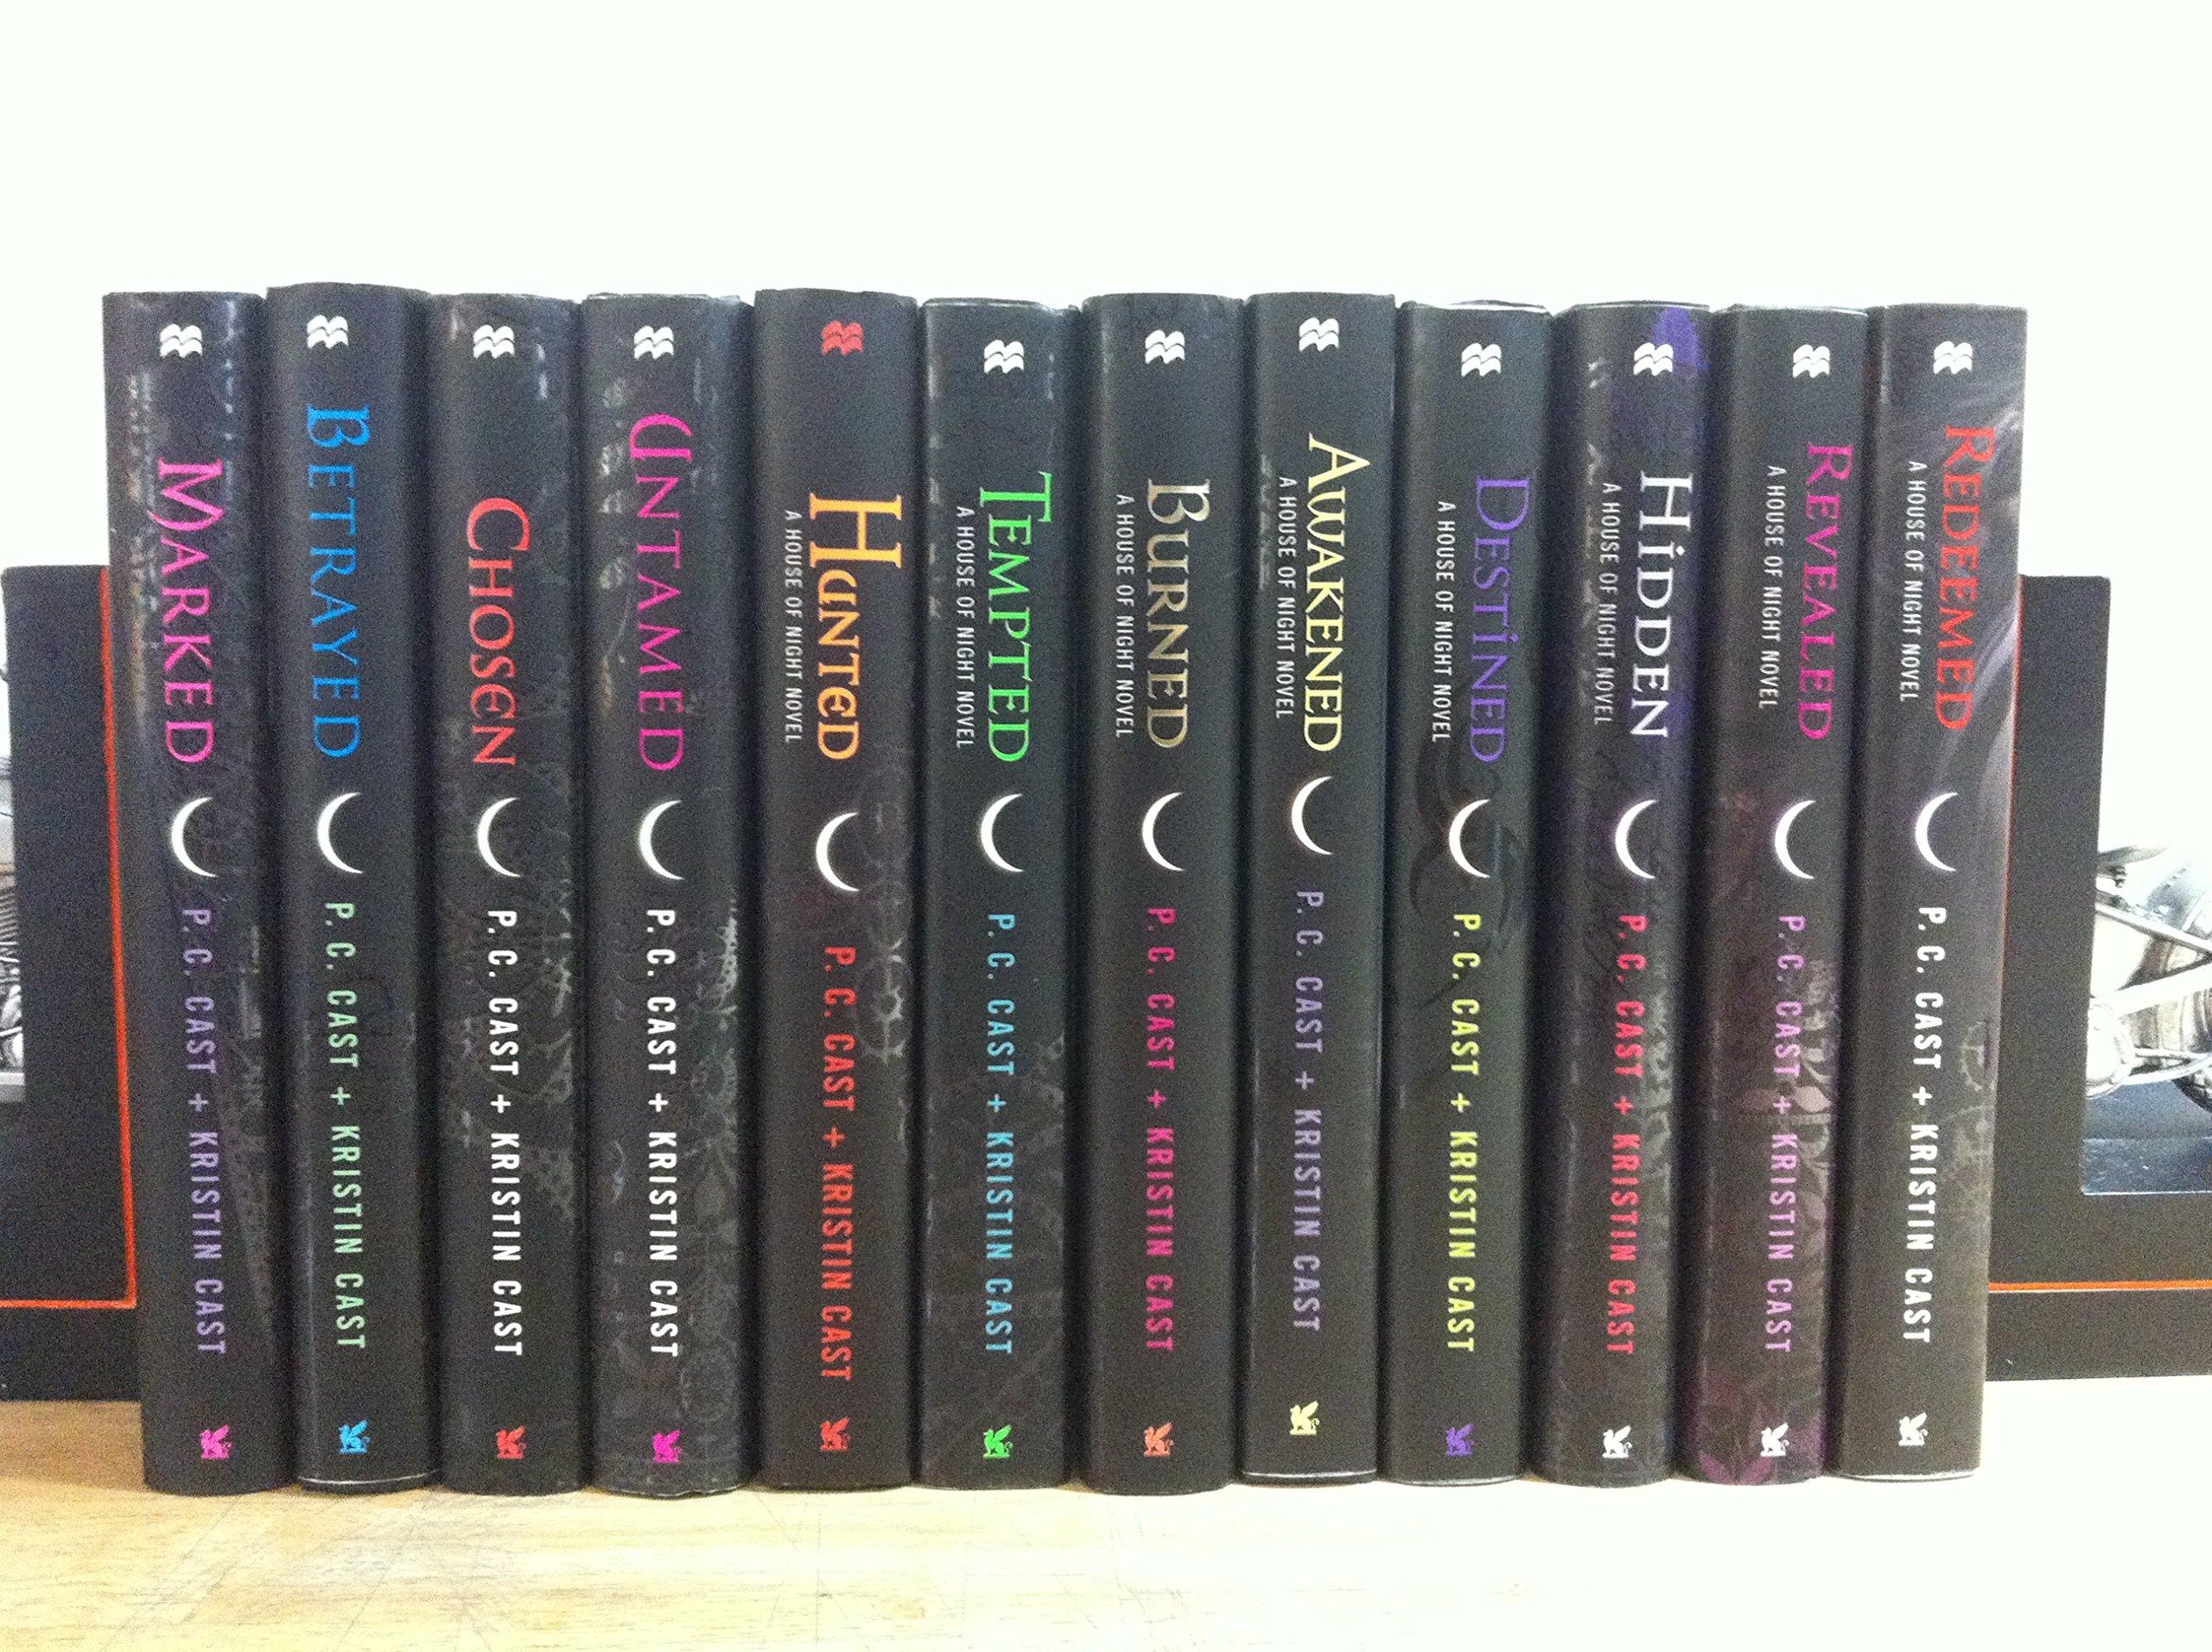 House of Night Series Complete Set, 12 Book Collection, Volumes 1-12 By P.C.  Cast + Kristen Cast: P.C. Cast + Kristen Cast: 0045079917200: Amazon.com:  Books